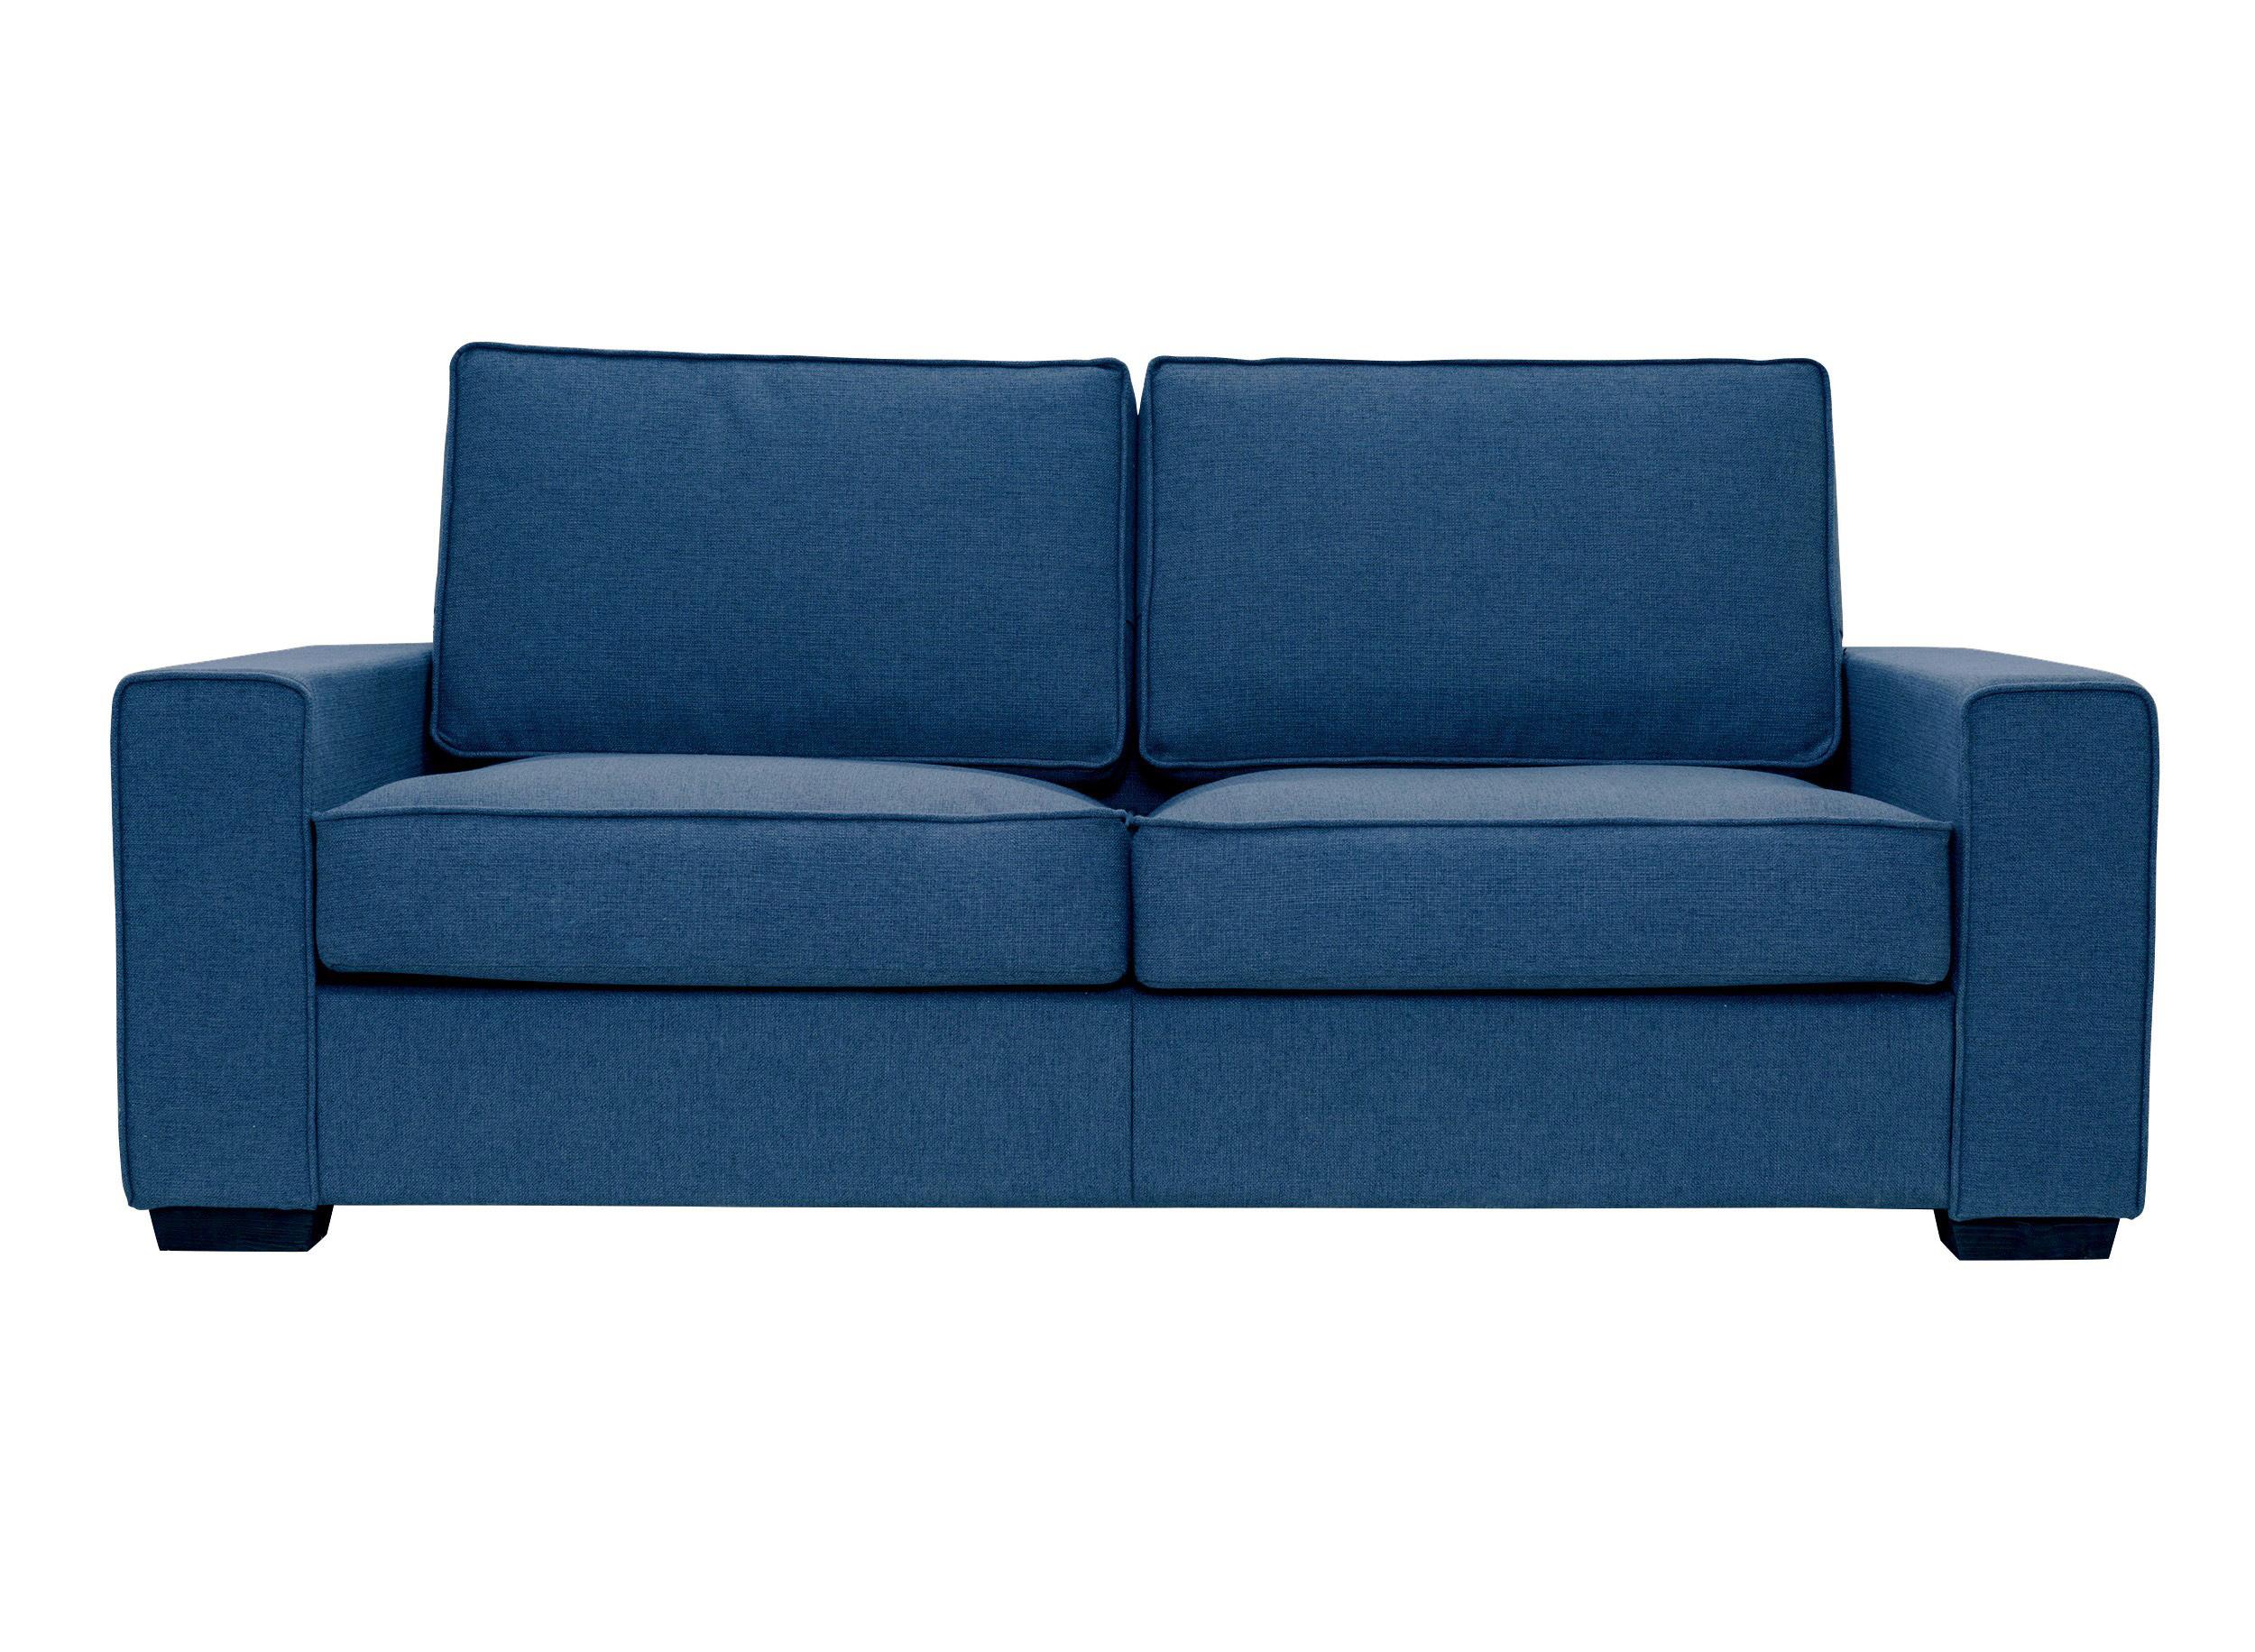 Диван-кровать HallstattПрямые раскладные диваны<br>&amp;lt;div&amp;gt;Этот диван не случайно назван в честь красивейшего из альпийских курортов. Hallstatt -- удобный, надежный и очень европейский. На этом диване можно по-настоящему расслабиться: глубокая посадка и широкие подушки обеспечат прекрасную поддержку спины. Благодаря строгой геометрии линий он будет отлично смотреться &amp;amp;nbsp;в интерьере современной гостиной или в просторном лофте. А для небольшой квартиры Hallstatt может стать основным спальным местом: дополните диван раскладным механизмом 2С и получится удобная двухместная кровать.&amp;amp;nbsp;&amp;lt;/div&amp;gt;&amp;lt;div&amp;gt;&amp;lt;br&amp;gt;&amp;lt;/div&amp;gt;&amp;lt;div&amp;gt;Специально для этой серии мы подобрали палитру из &amp;amp;nbsp;9 &amp;amp;nbsp;стильных оттенков рогожки.&amp;amp;nbsp;&amp;lt;/div&amp;gt;&amp;lt;div&amp;gt;&amp;lt;br&amp;gt;&amp;lt;/div&amp;gt;&amp;lt;div&amp;gt;Размеры спального места: 200х120, 200х140, 200х160 см&amp;lt;/div&amp;gt;&amp;lt;div&amp;gt;Материал корпуса: фанера, брус&amp;lt;/div&amp;gt;&amp;lt;div&amp;gt;Материал обивки: рогожка, 40000 циклов&amp;lt;/div&amp;gt;&amp;lt;div&amp;gt;Дополнительные опции: ящик - &amp;amp;nbsp;3960р, ножки (дерево или хром) - 2141р.&amp;lt;/div&amp;gt;&amp;lt;div&amp;gt;&amp;lt;br&amp;gt;&amp;lt;/div&amp;gt;&amp;lt;div&amp;gt;Варианты раскладного механизма: 2С (на каждый день) или французская раскладушка (гостевой вариант)&amp;lt;/div&amp;gt;<br><br>Material: Текстиль<br>Ширина см: 200.0<br>Высота см: 80.0<br>Глубина см: 82.0